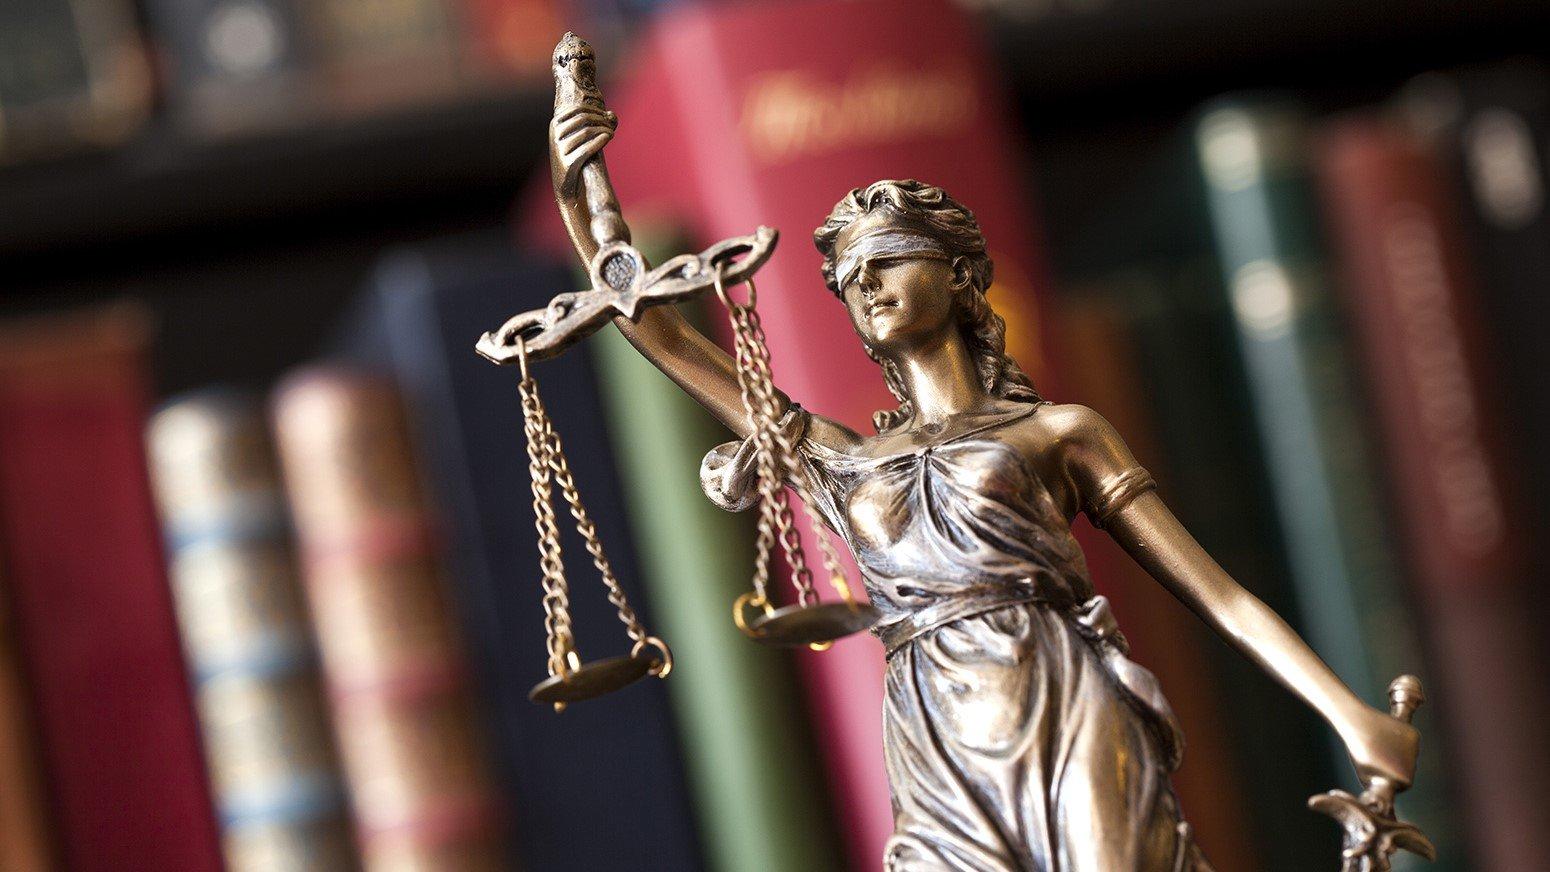 Президент призначив суддю Обухівського районного суду -  - 1555087829 156a9684b935ec1284eb4aac0ddf065c